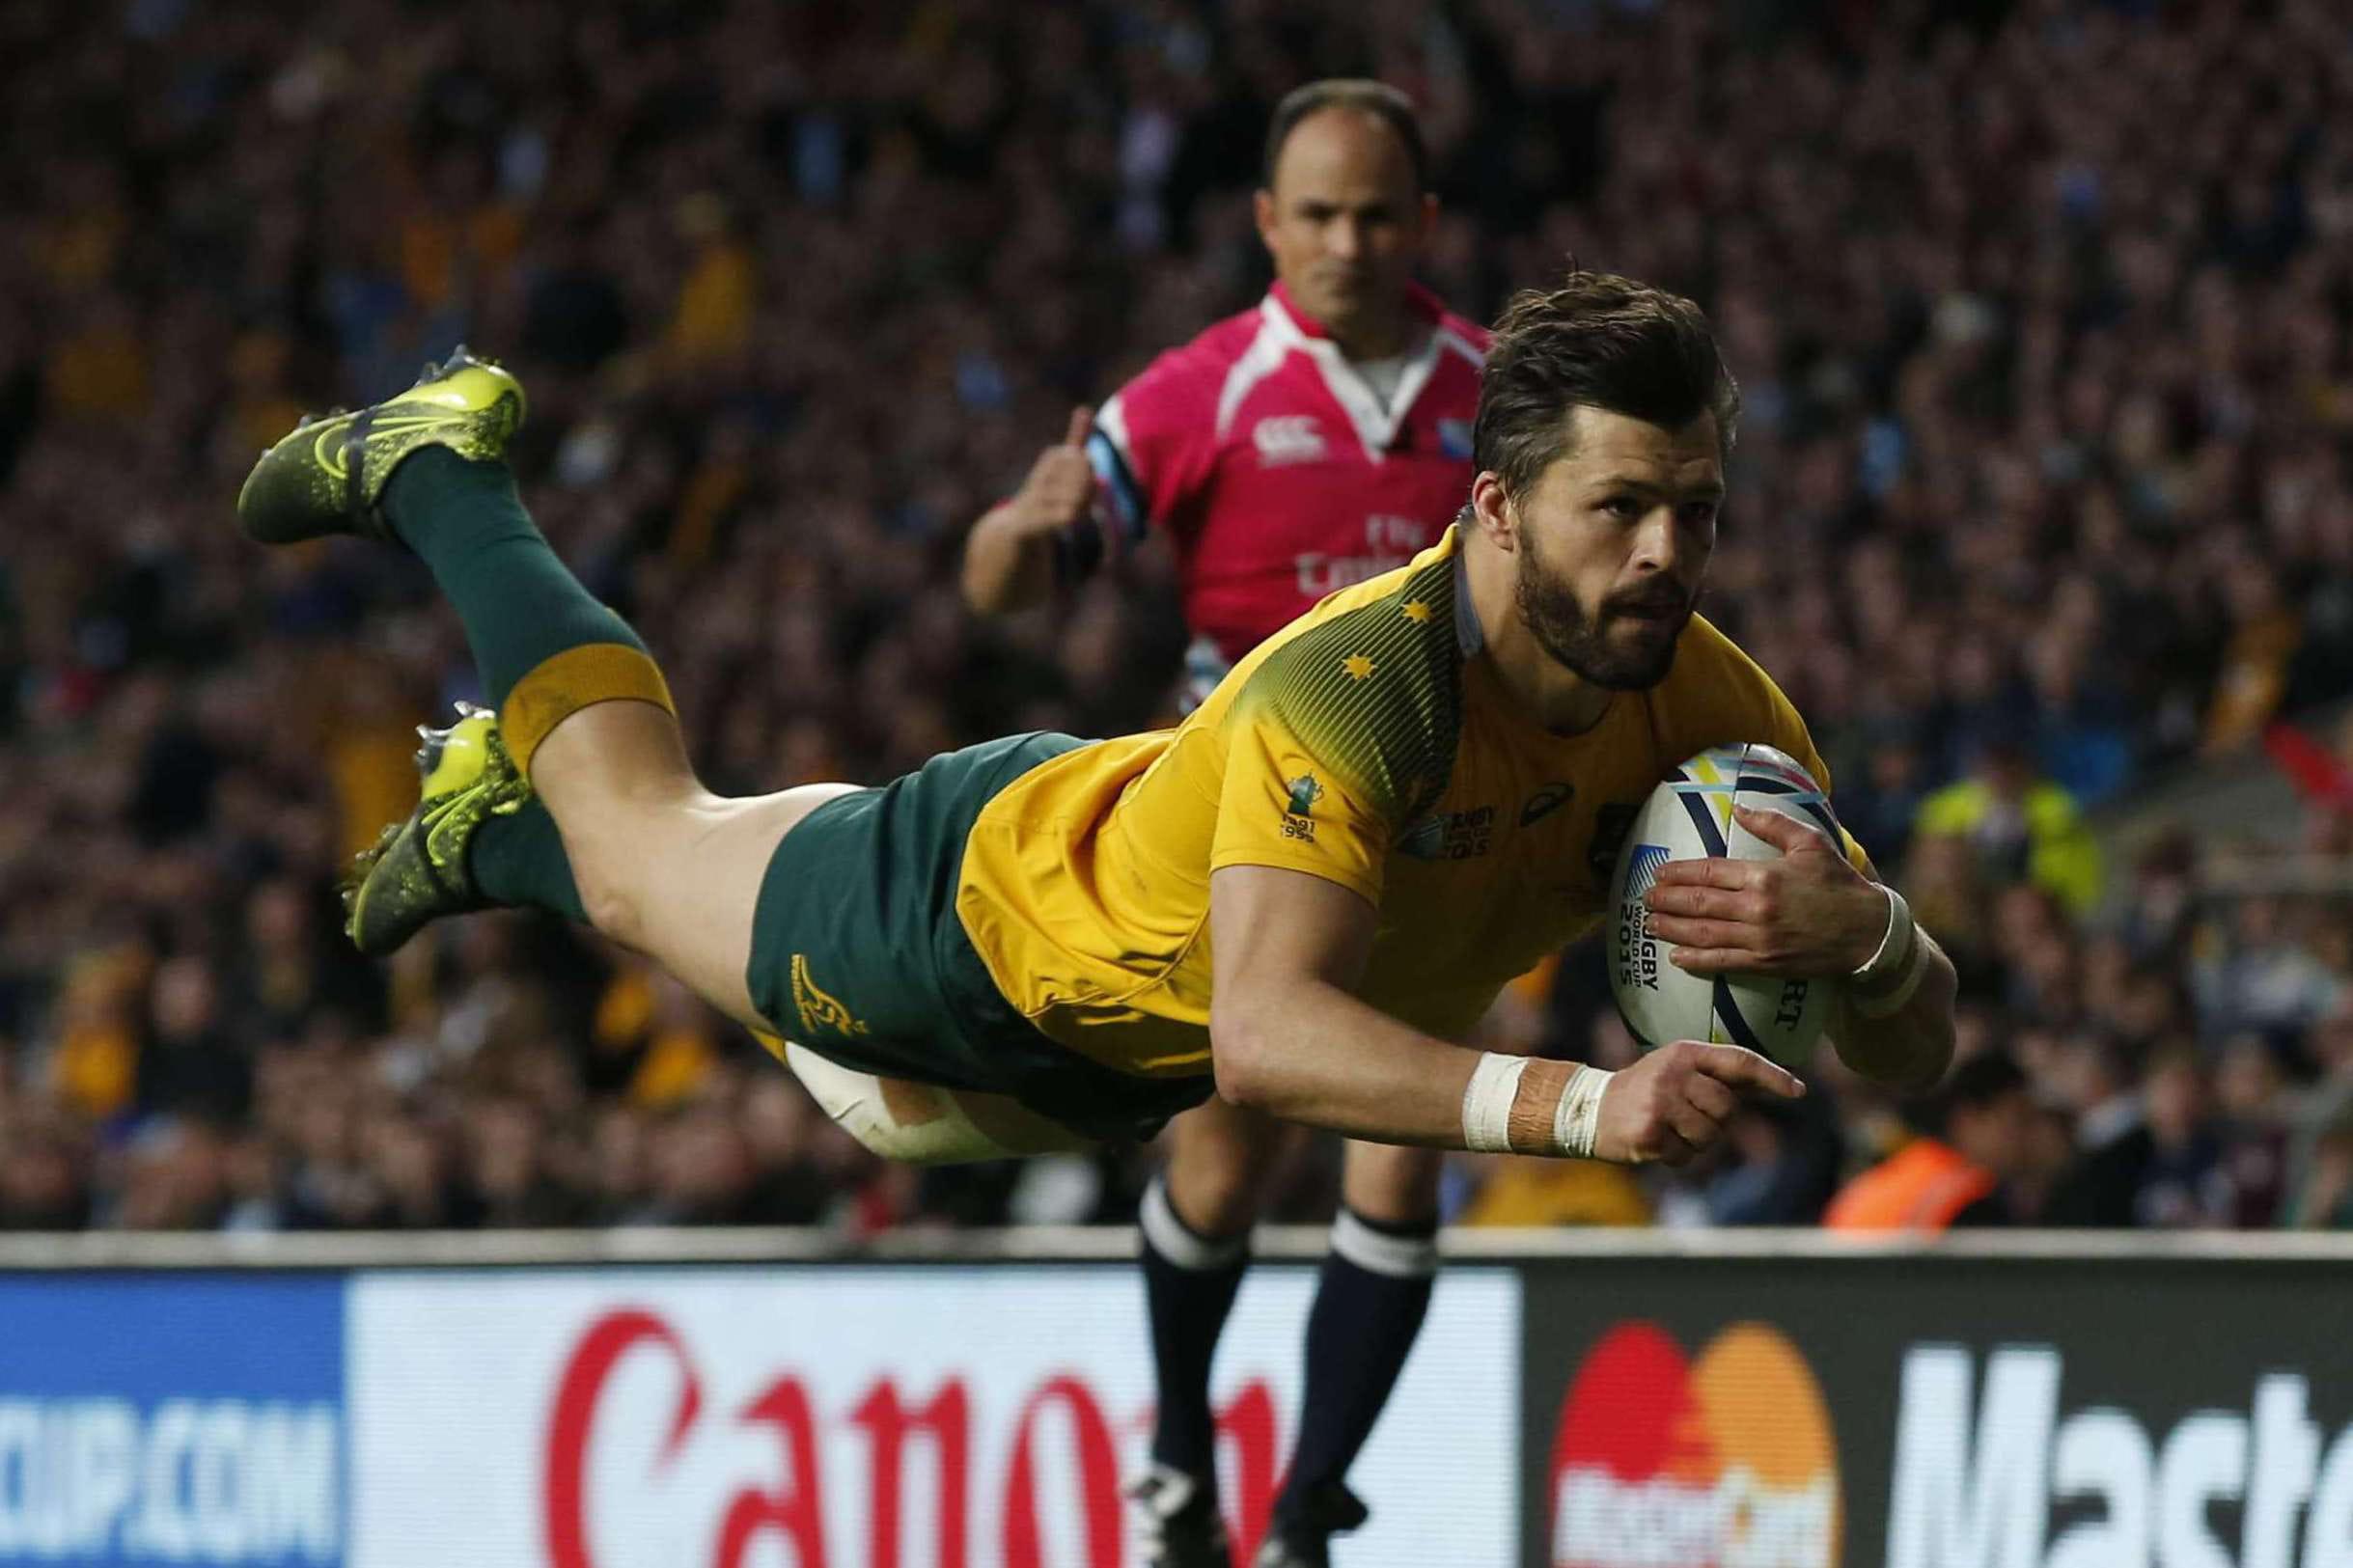 Coupe du monde de rugby 2015 l 39 australie rejoint la - Resultats coupe du monde de rugby 2015 ...